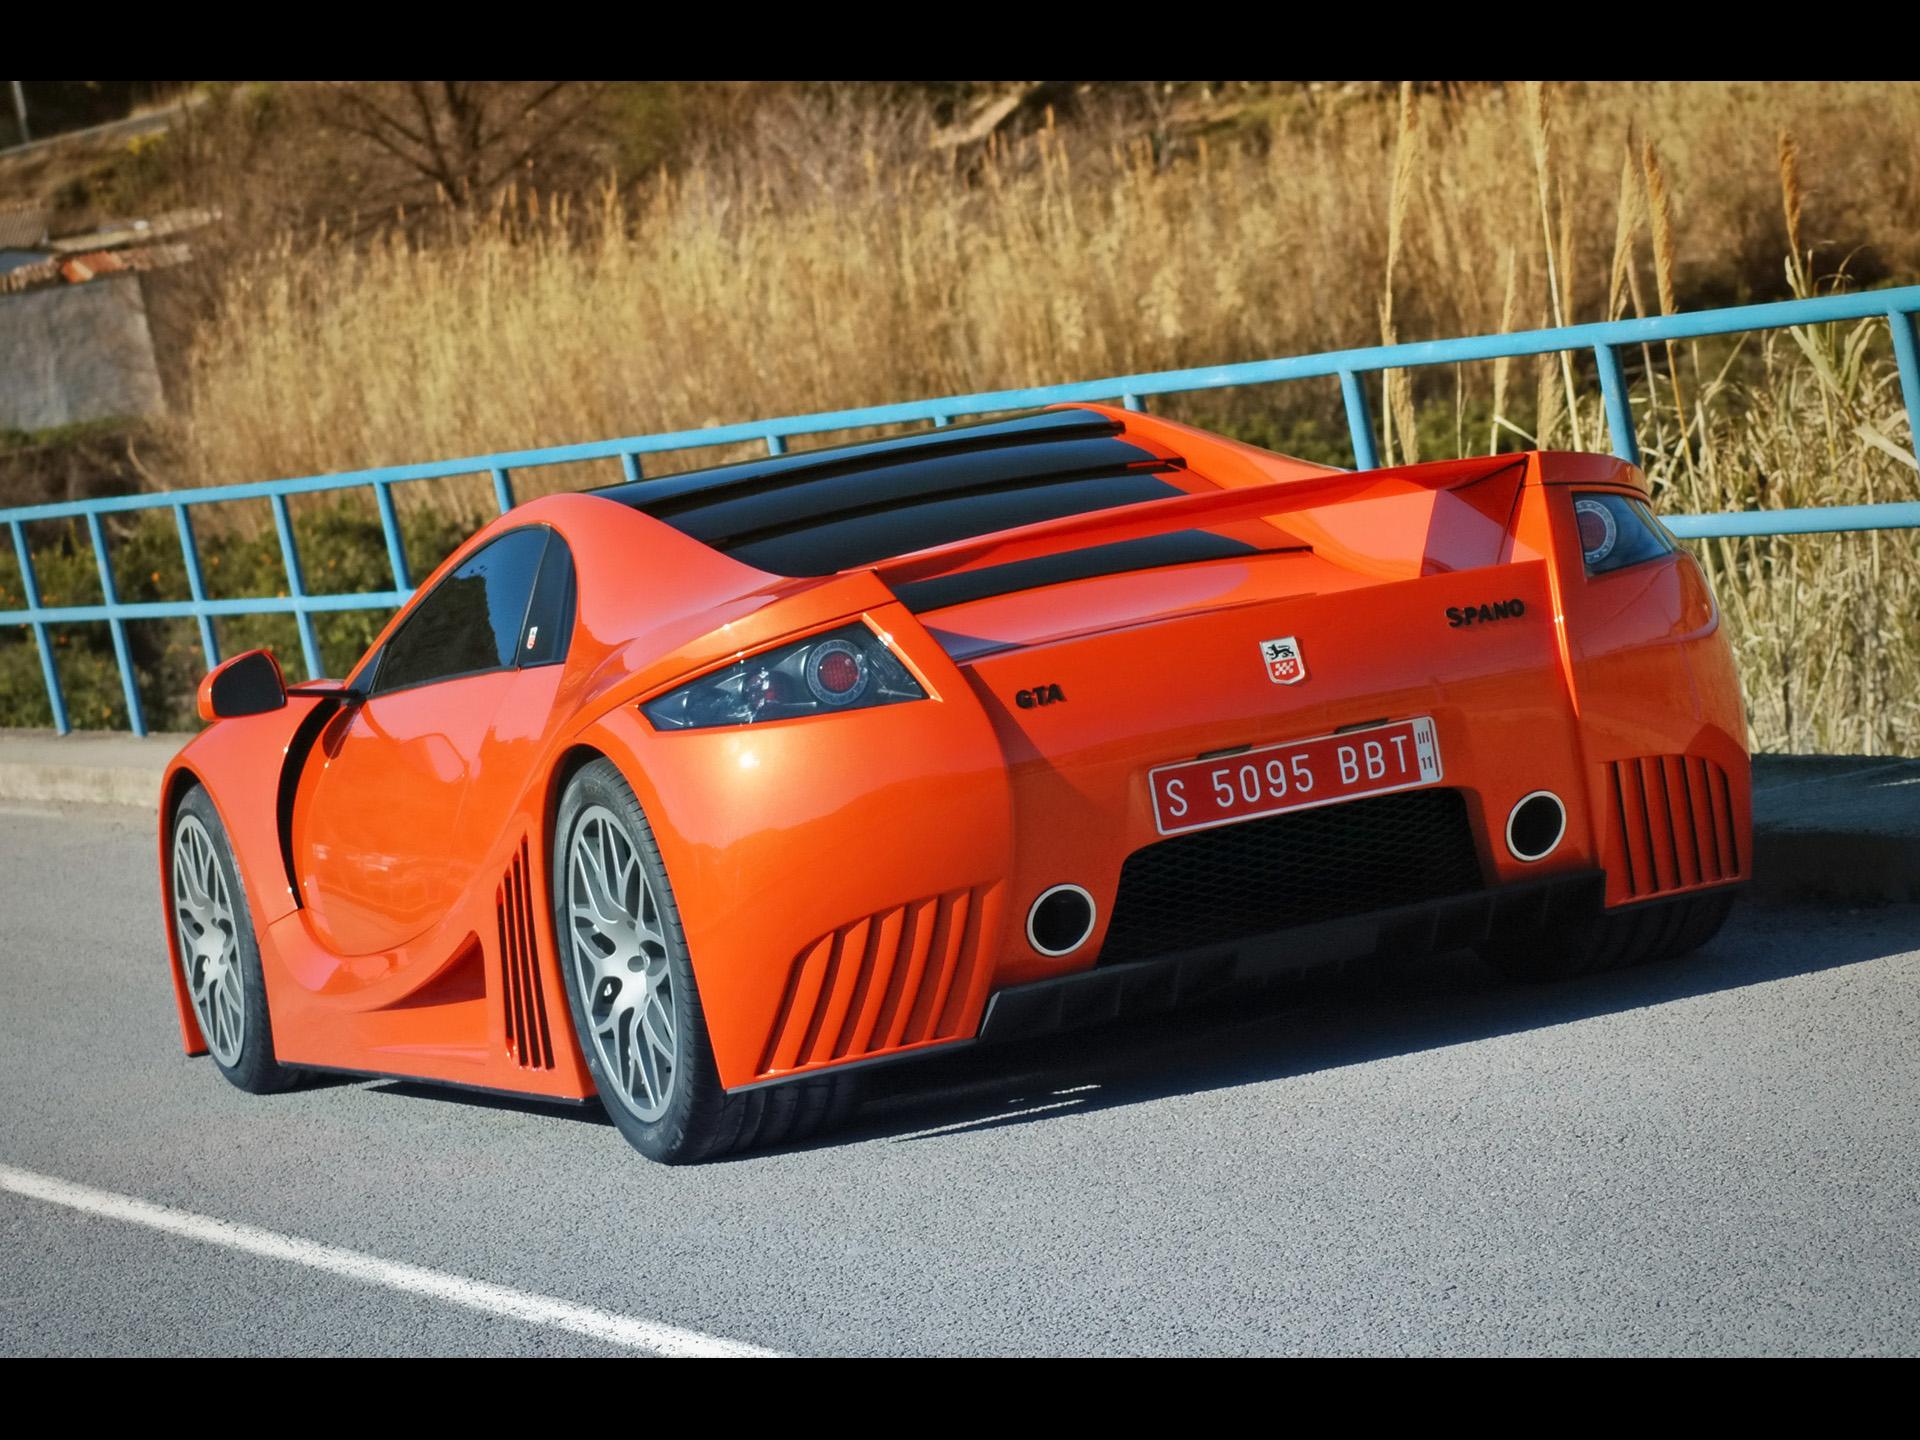 Photos Gta Spano Cars 1920x1440